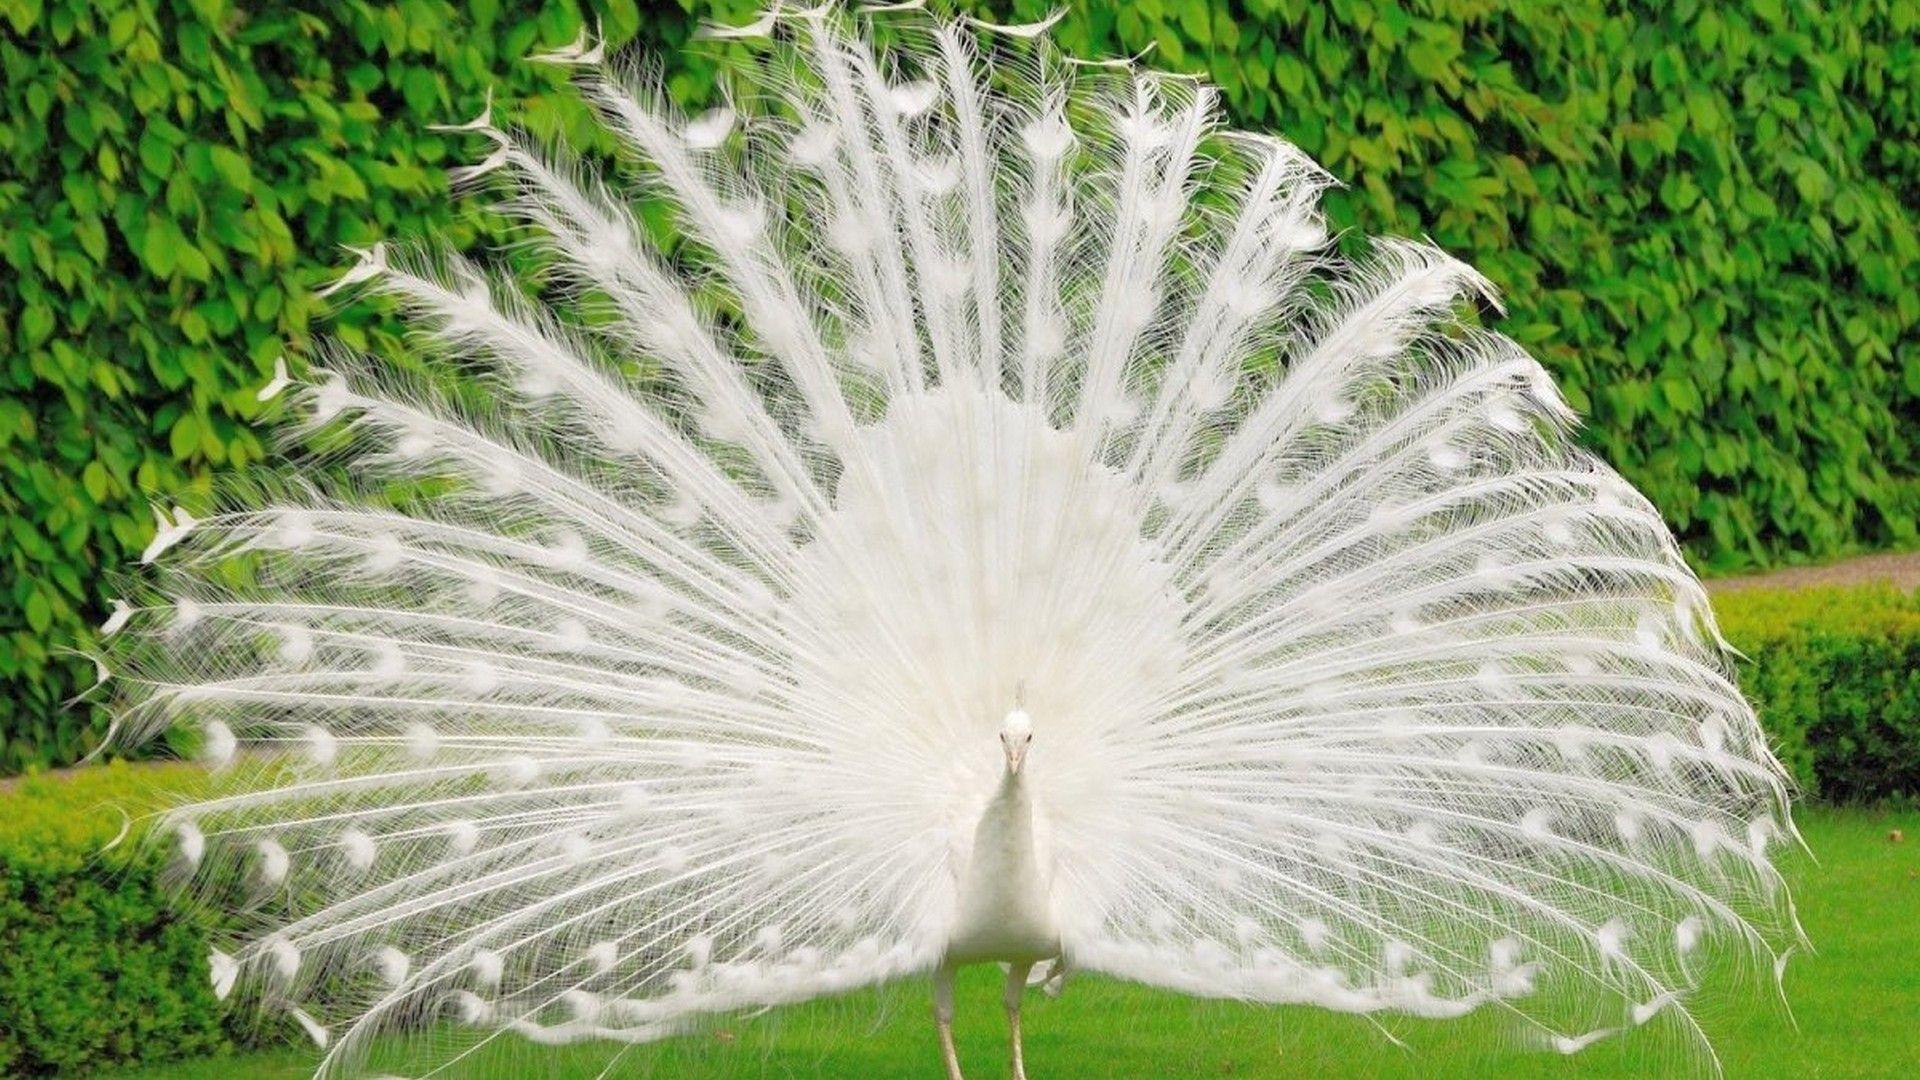 White Peacock Wallpaper Hd 2021 Live Wallpaper Hd Beautiful Birds White Peacock Peacock Wallpaper